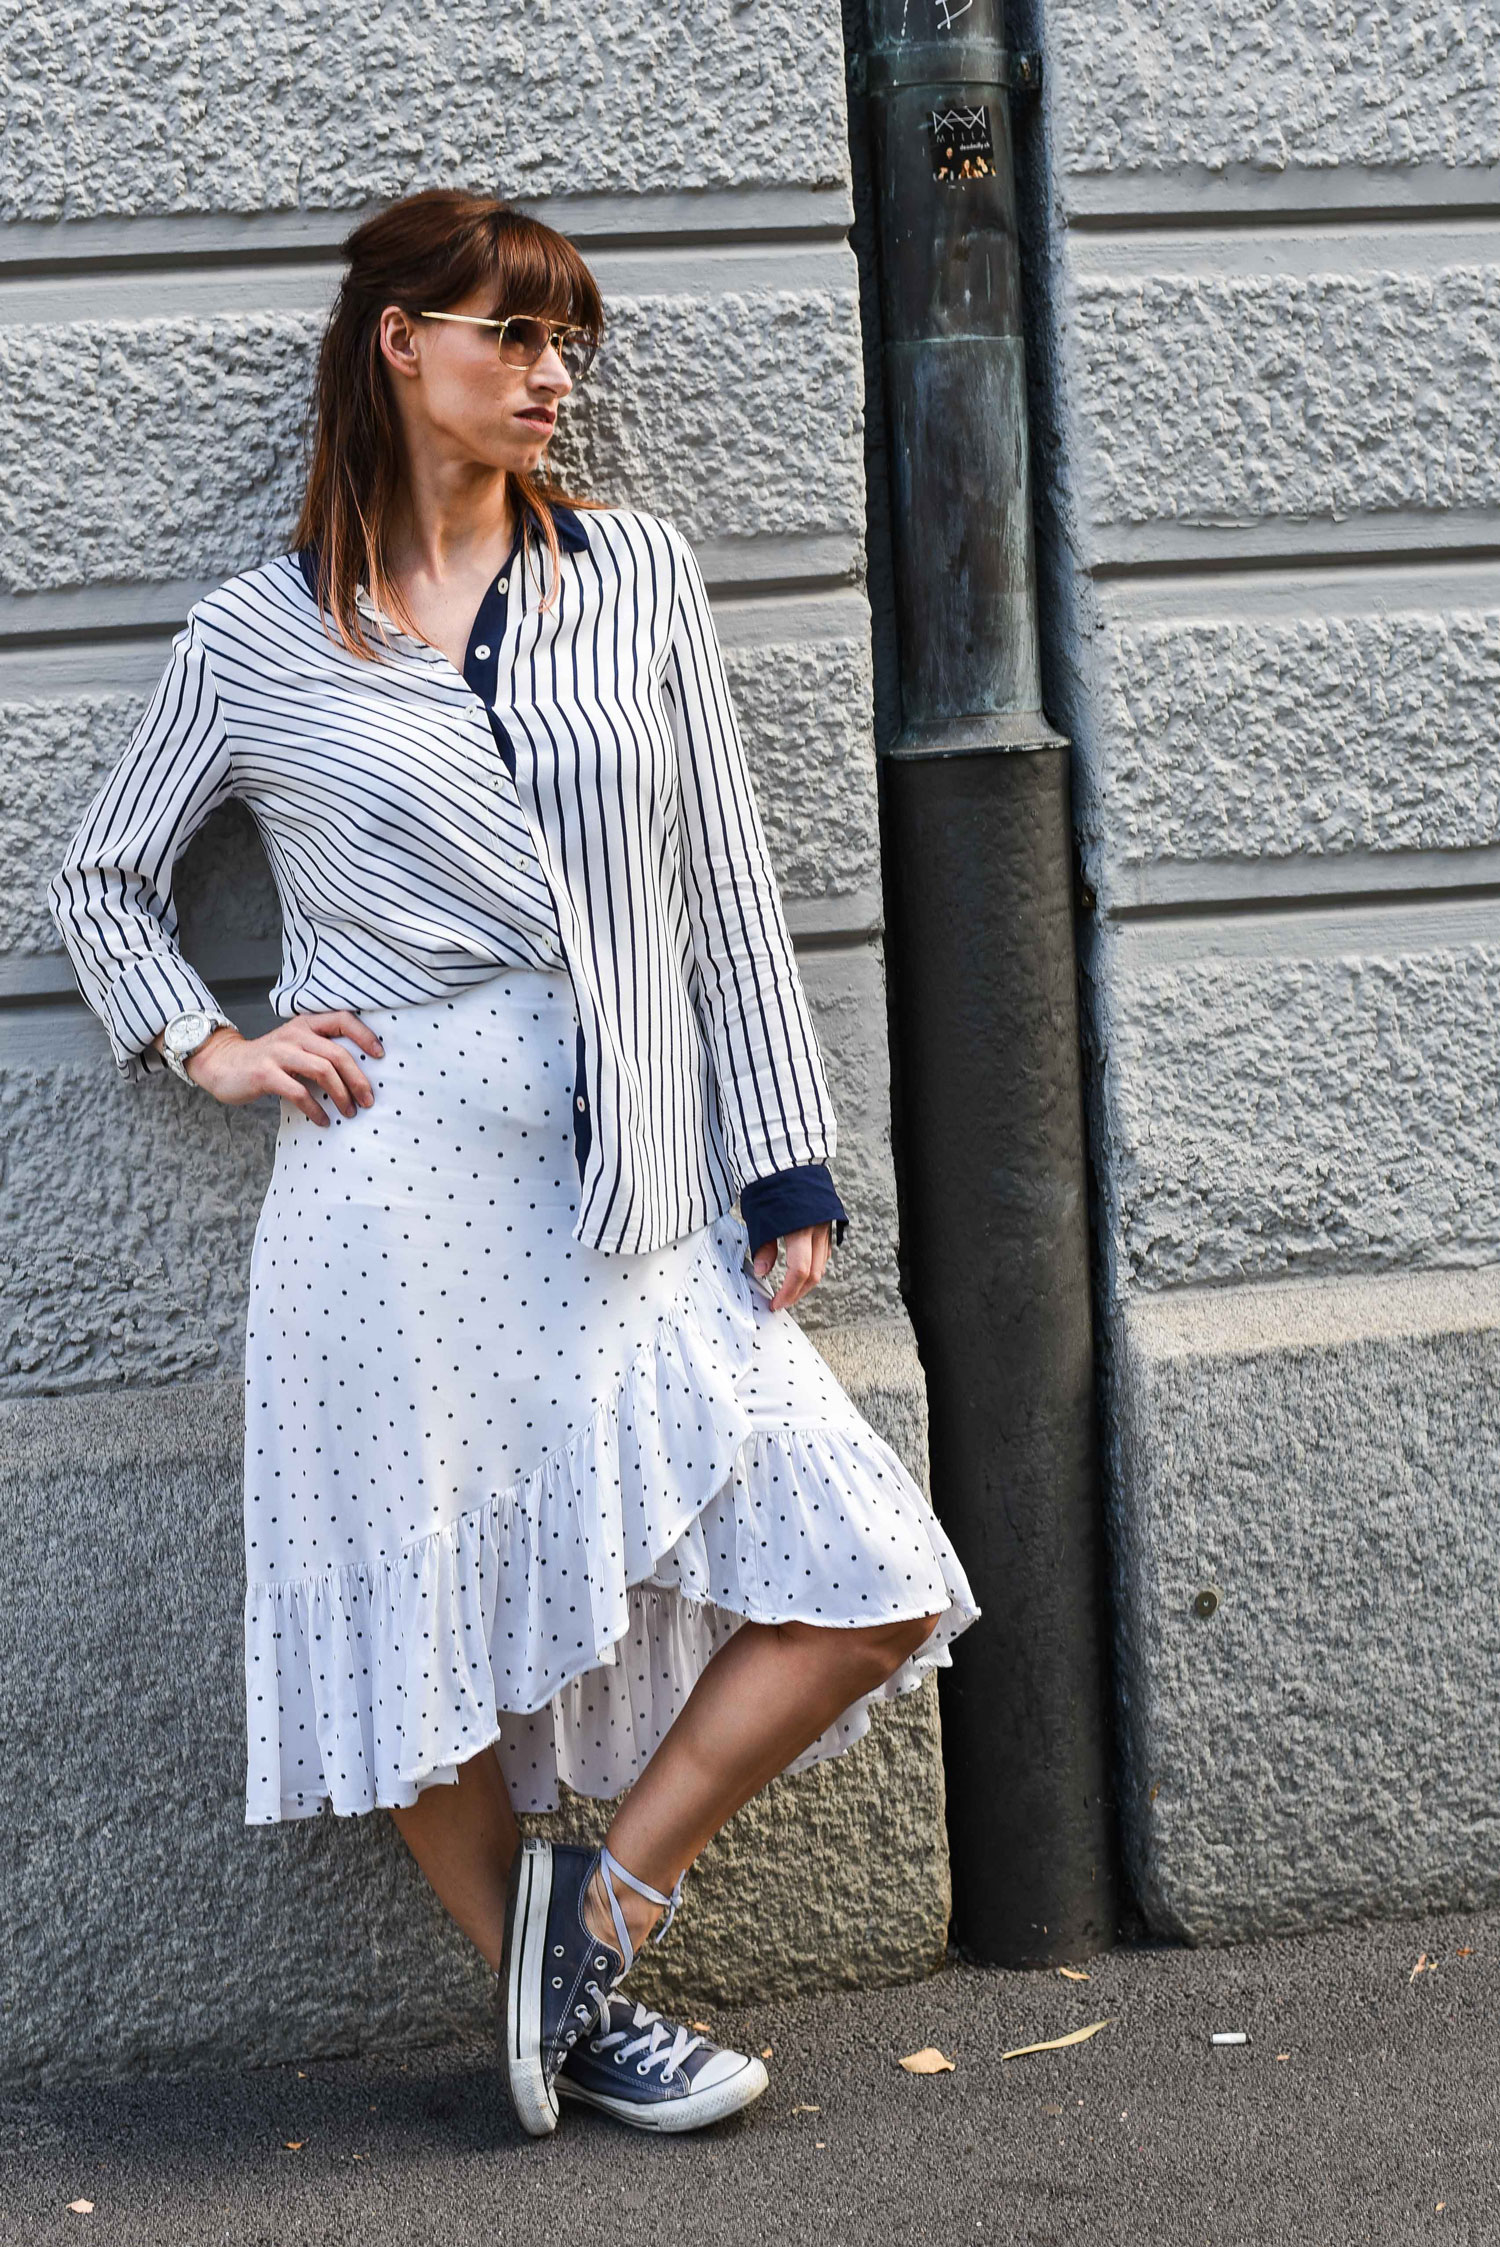 Polka Dots: Rock von HM, Bluse von Tommy Hilfiger, Sneakers von Convers, Tasche von Zara